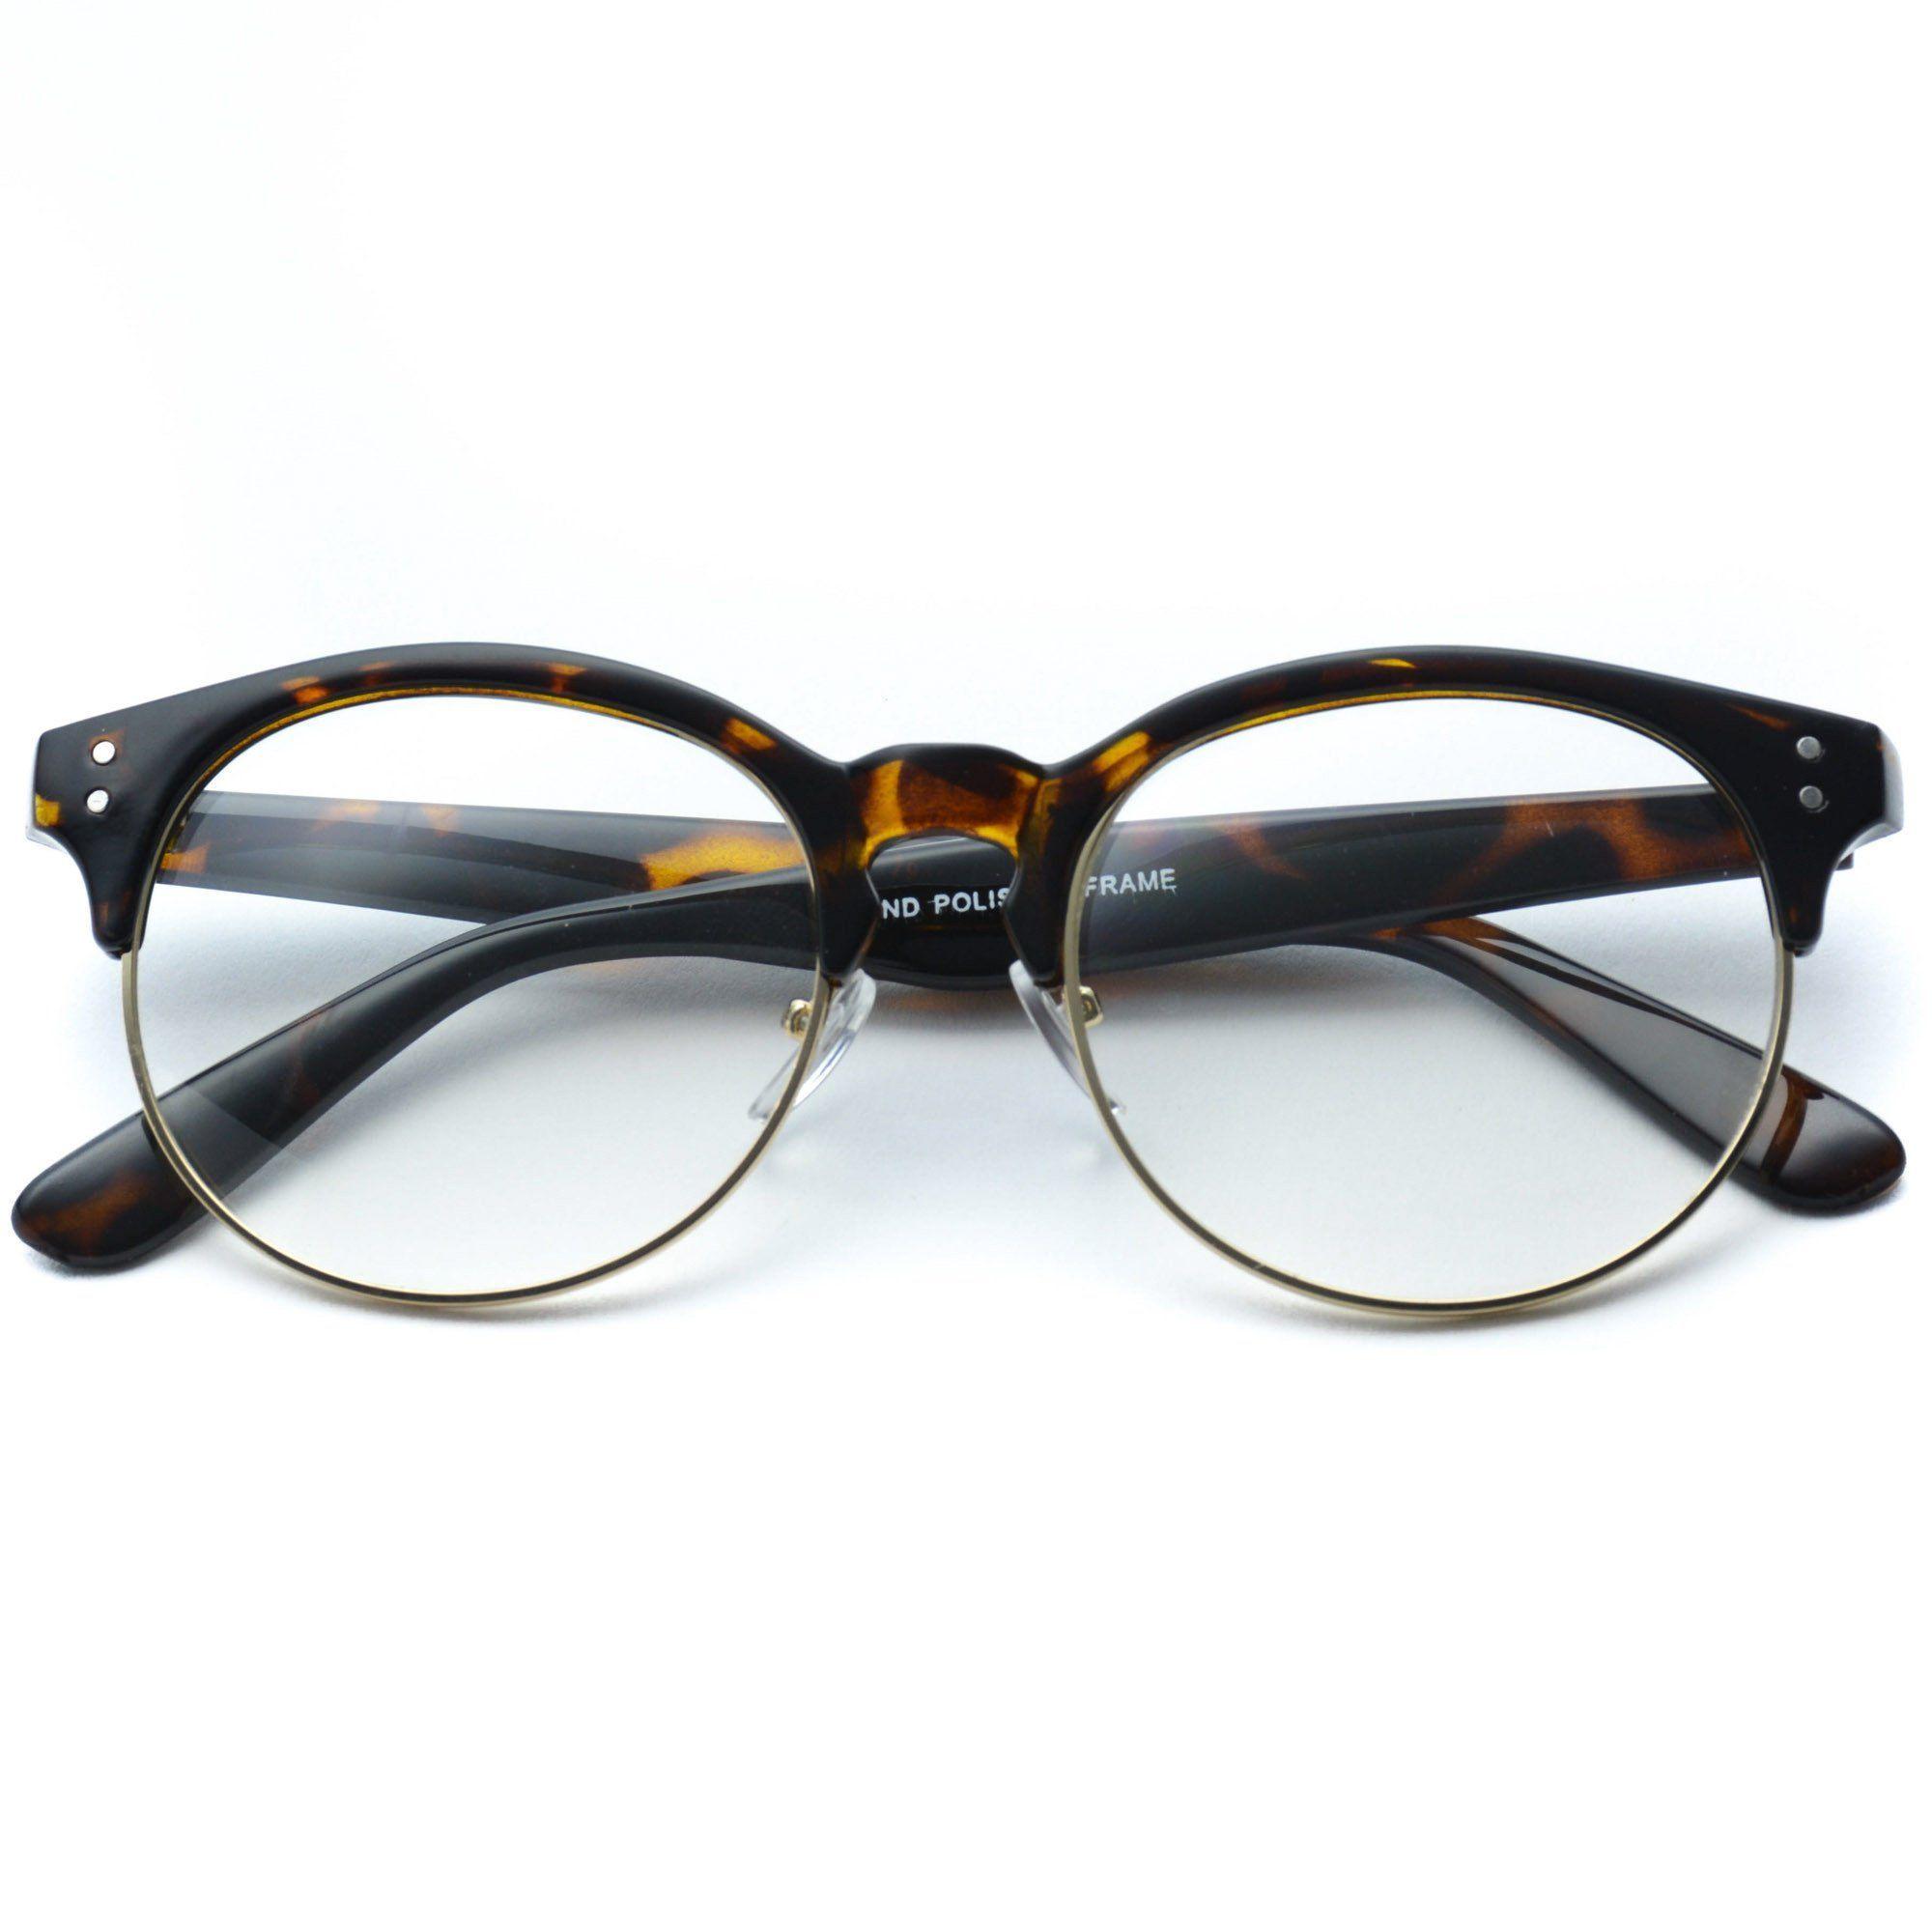 c7b3e800f79 Winter - Clear Semi-Rimless Round Retro Non Prescription Glasses ...